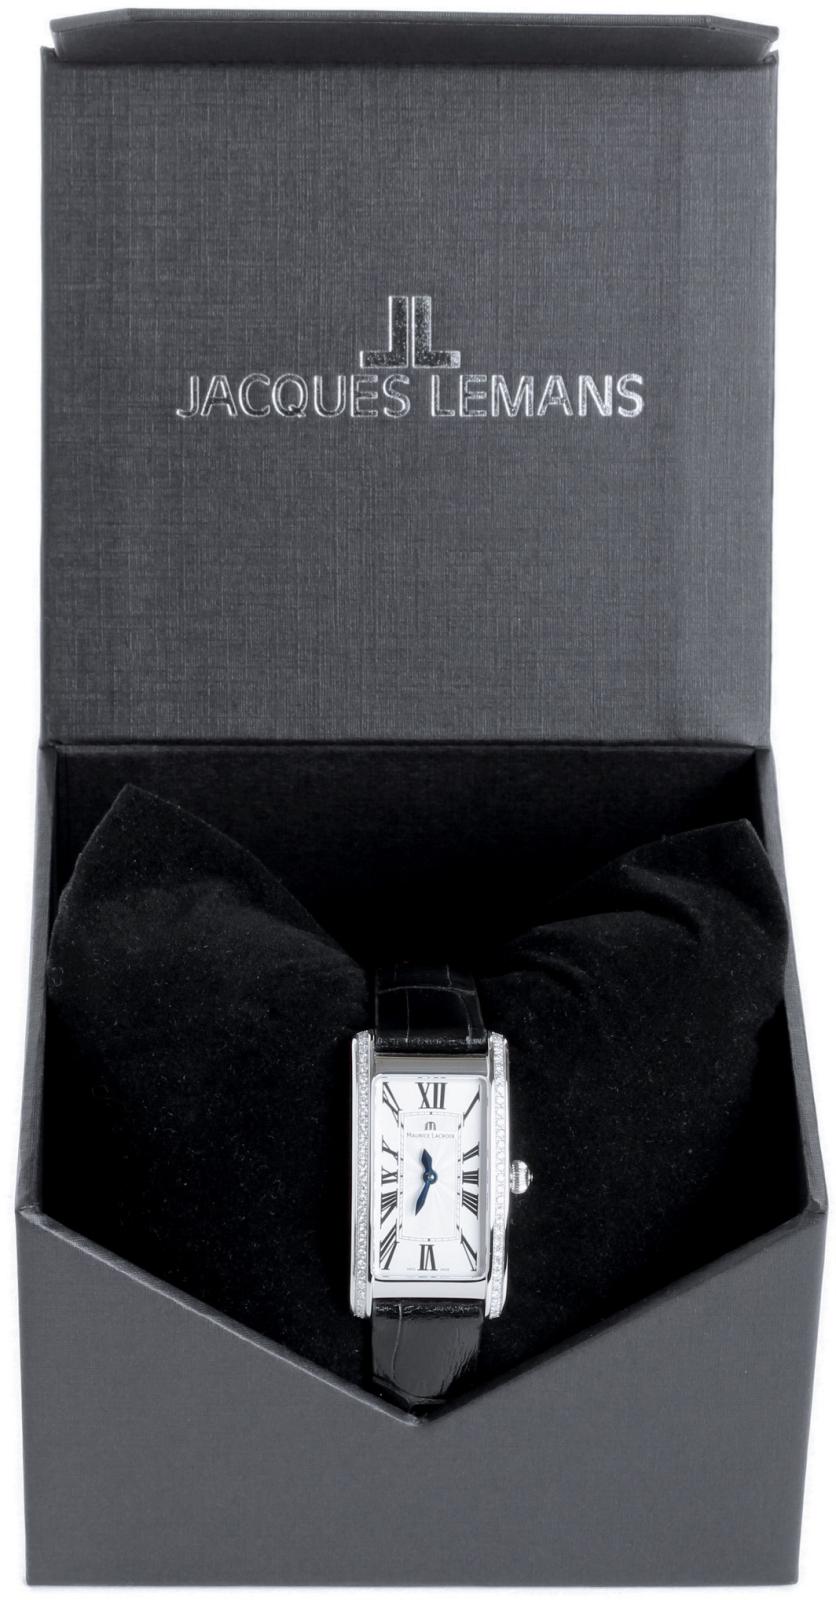 Maurice Lacroix Fiaba FA2164-SD531-118Наручные часы<br>Швейцарские часы Maurice Lacroix Fiaba FA2164-SD531-118<br><br>Пол: Женские<br>Страна-производитель: Швейцария<br>Механизм: Кварцевый<br>Материал корпуса: Сталь<br>Материал ремня/браслета: Кожа<br>Водозащита, диапазон: 20 - 100 м<br>Стекло: Сапфировое<br>Толщина корпуса: None<br>Стиль: Классика